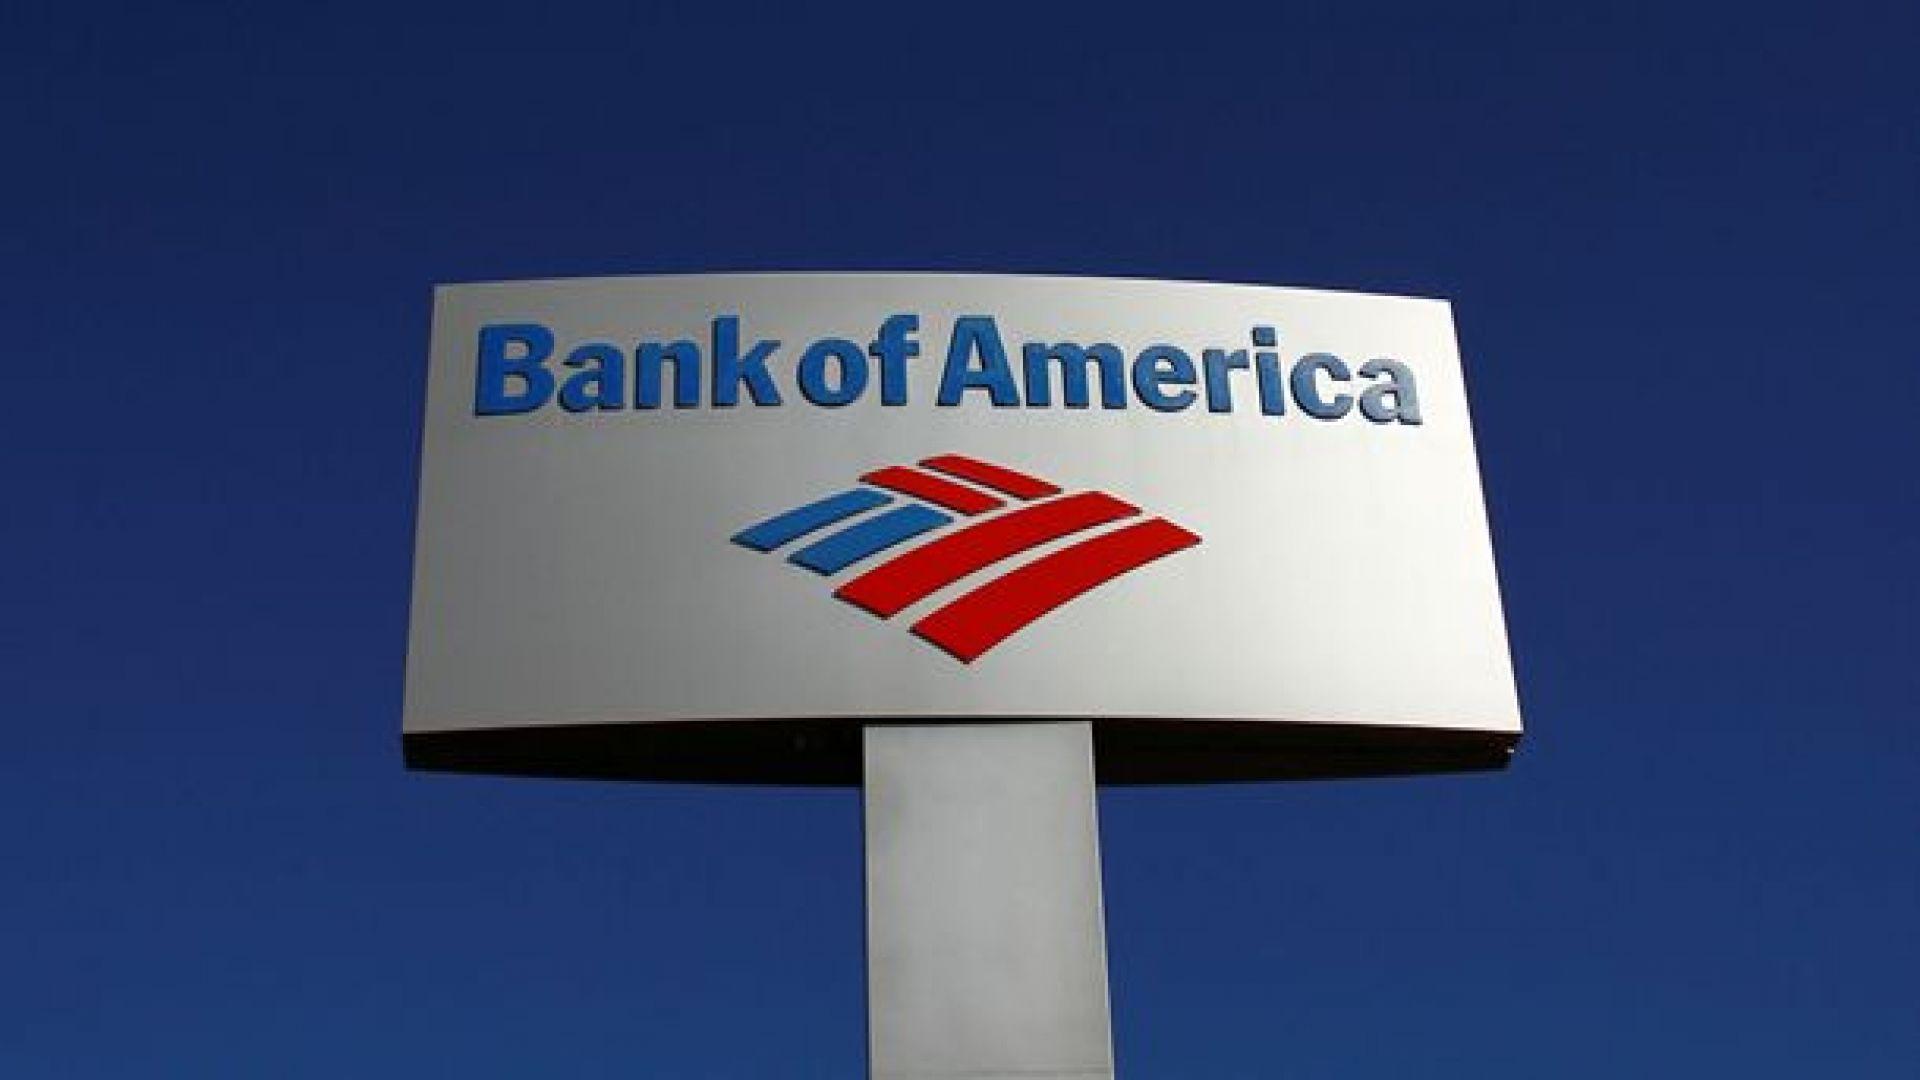 САЩ поискаха от водещи банки информация за руски олигарси